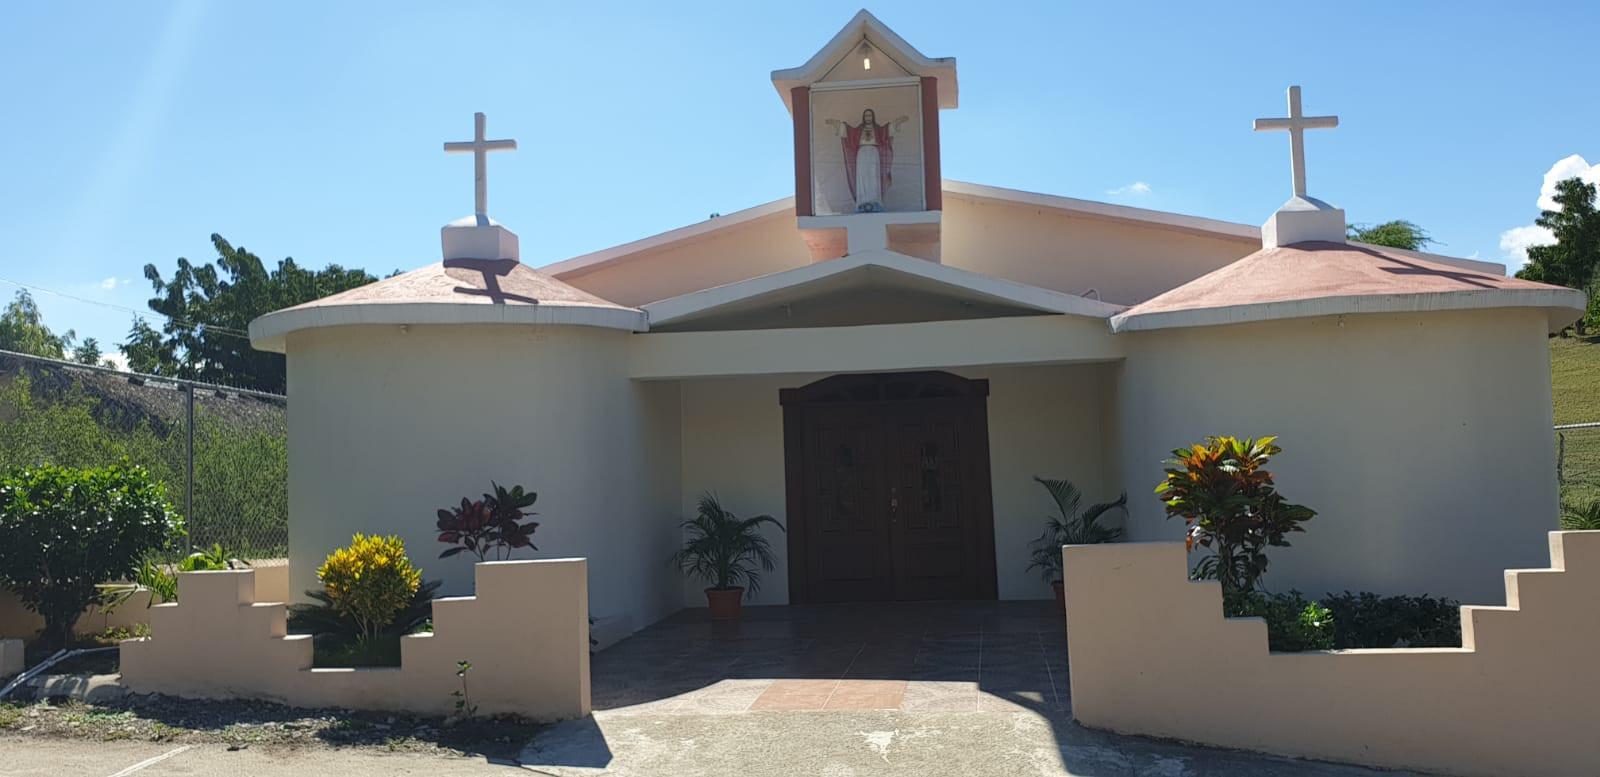 CAPILLA SAGRADO CORAZON DE JESUS DE LOS HARQUIES